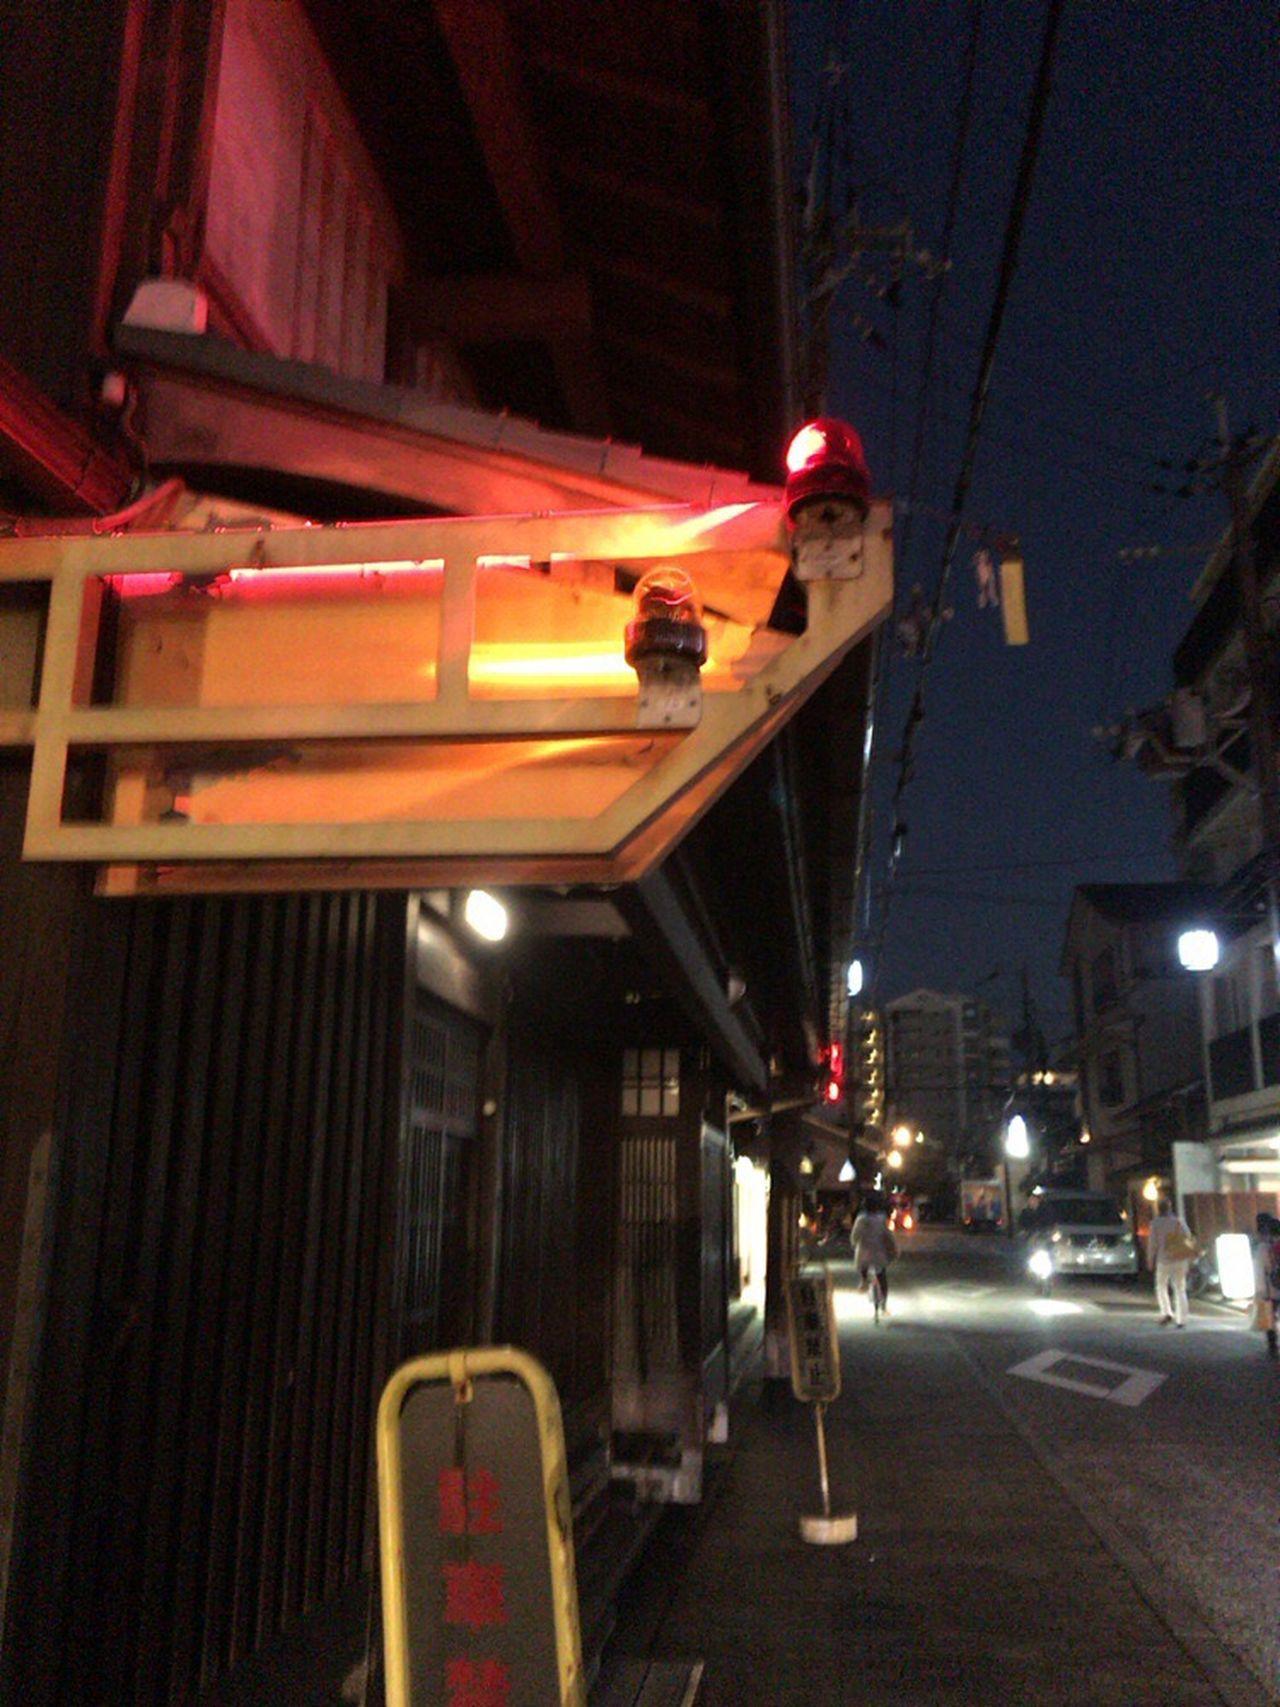 Kyoto Tradisional Kyoto,japan Japanese Traditional Street Kyoto Tradisional Street Kyoto Street Kyoto NIght Lights Kyoto Night Street